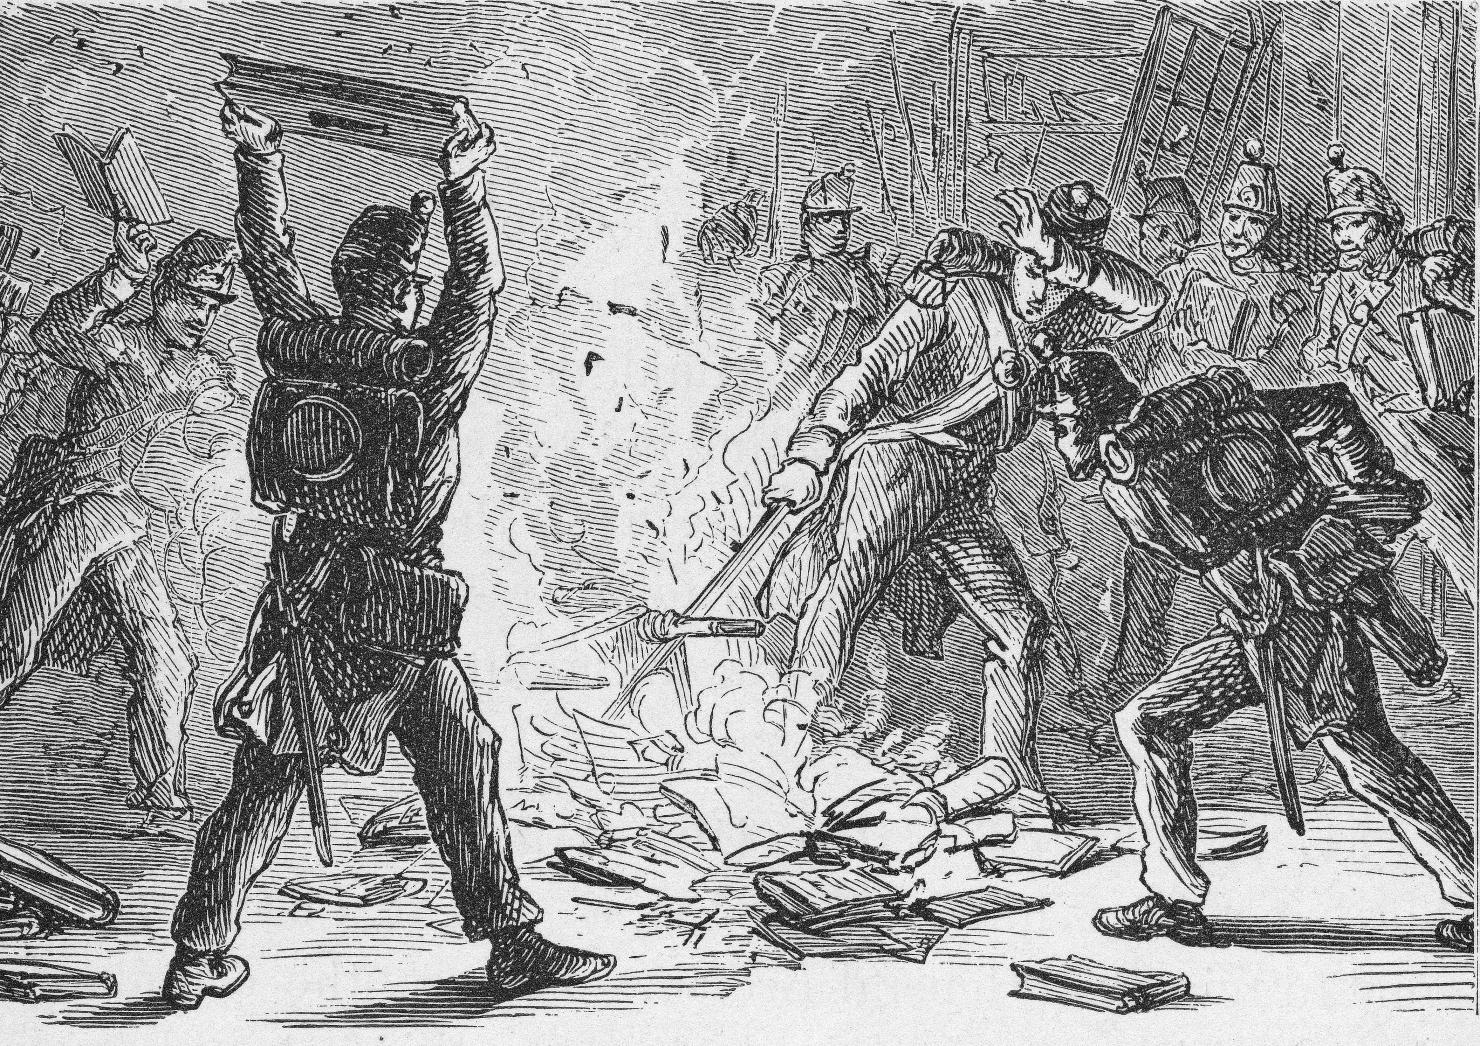 Soldați britanici arzând cărți în biblioteca Congresului